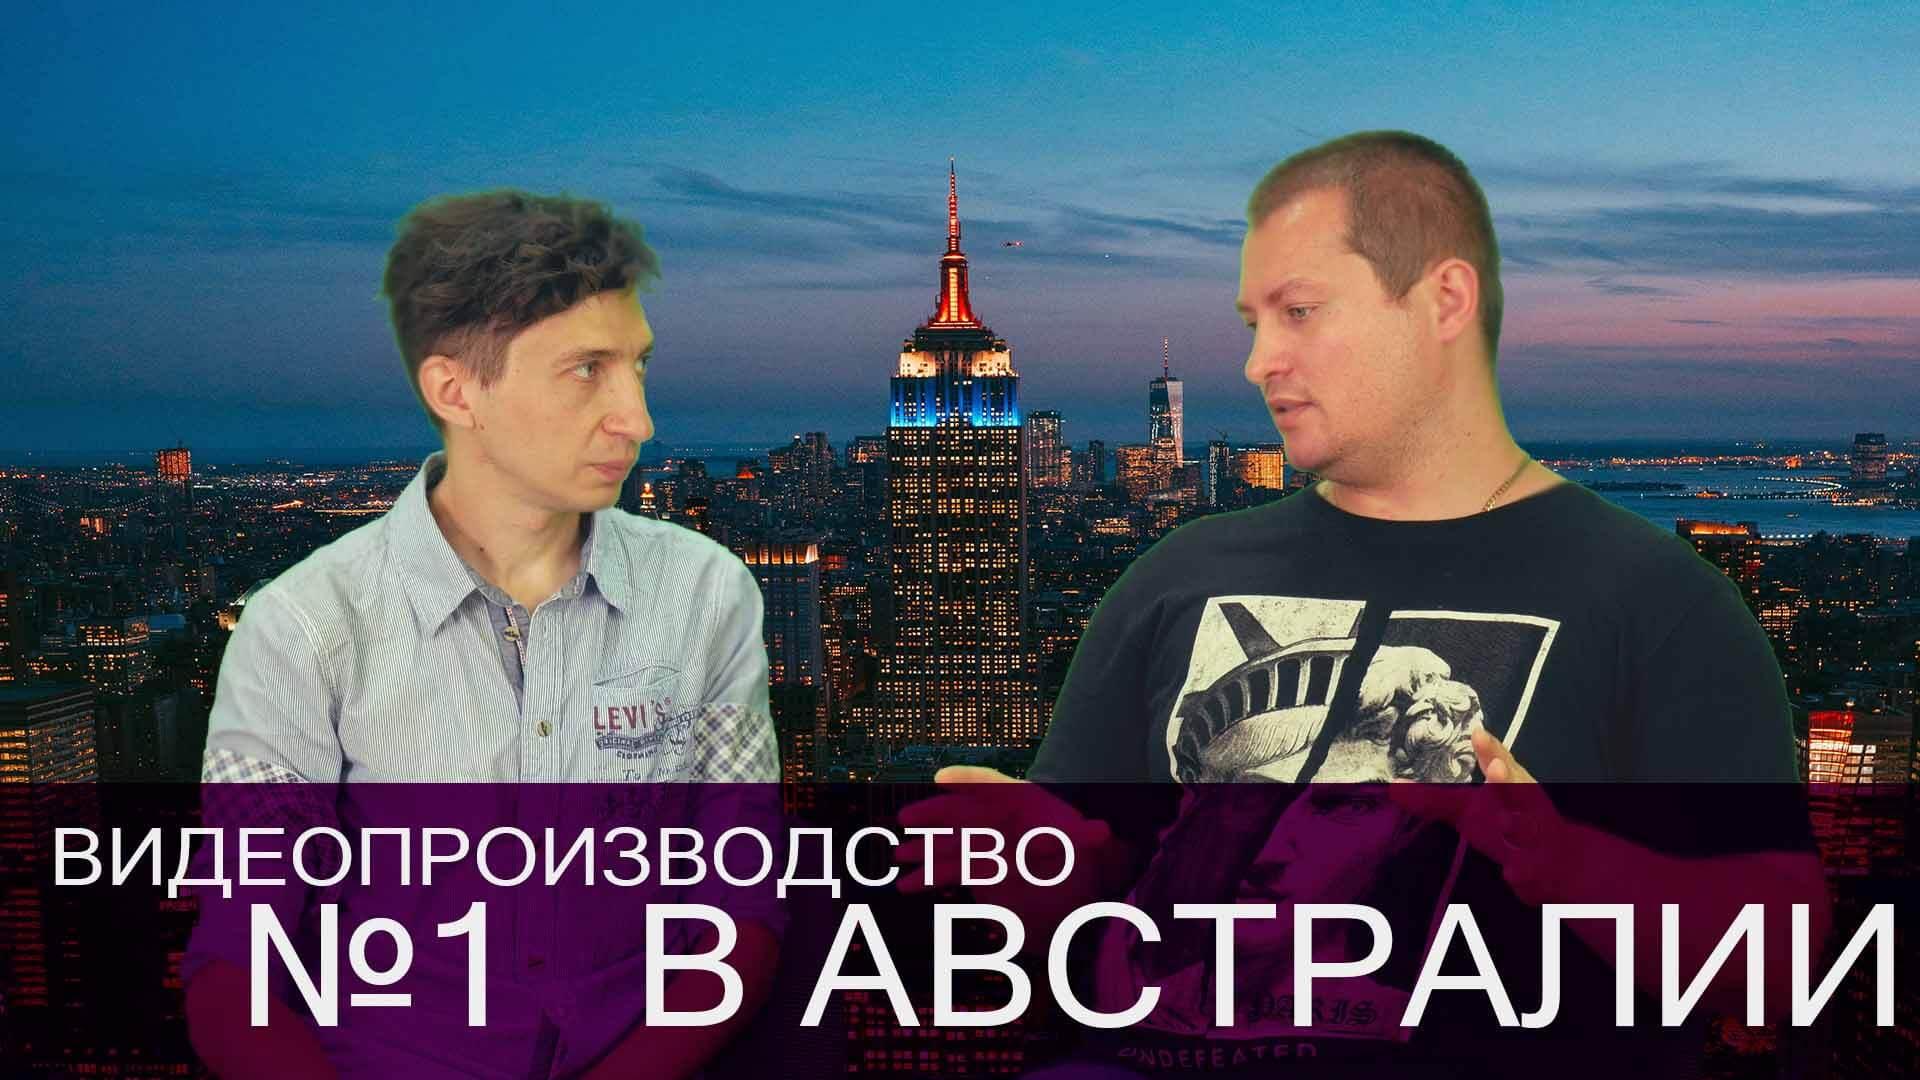 pod au 01 - Бескорсый